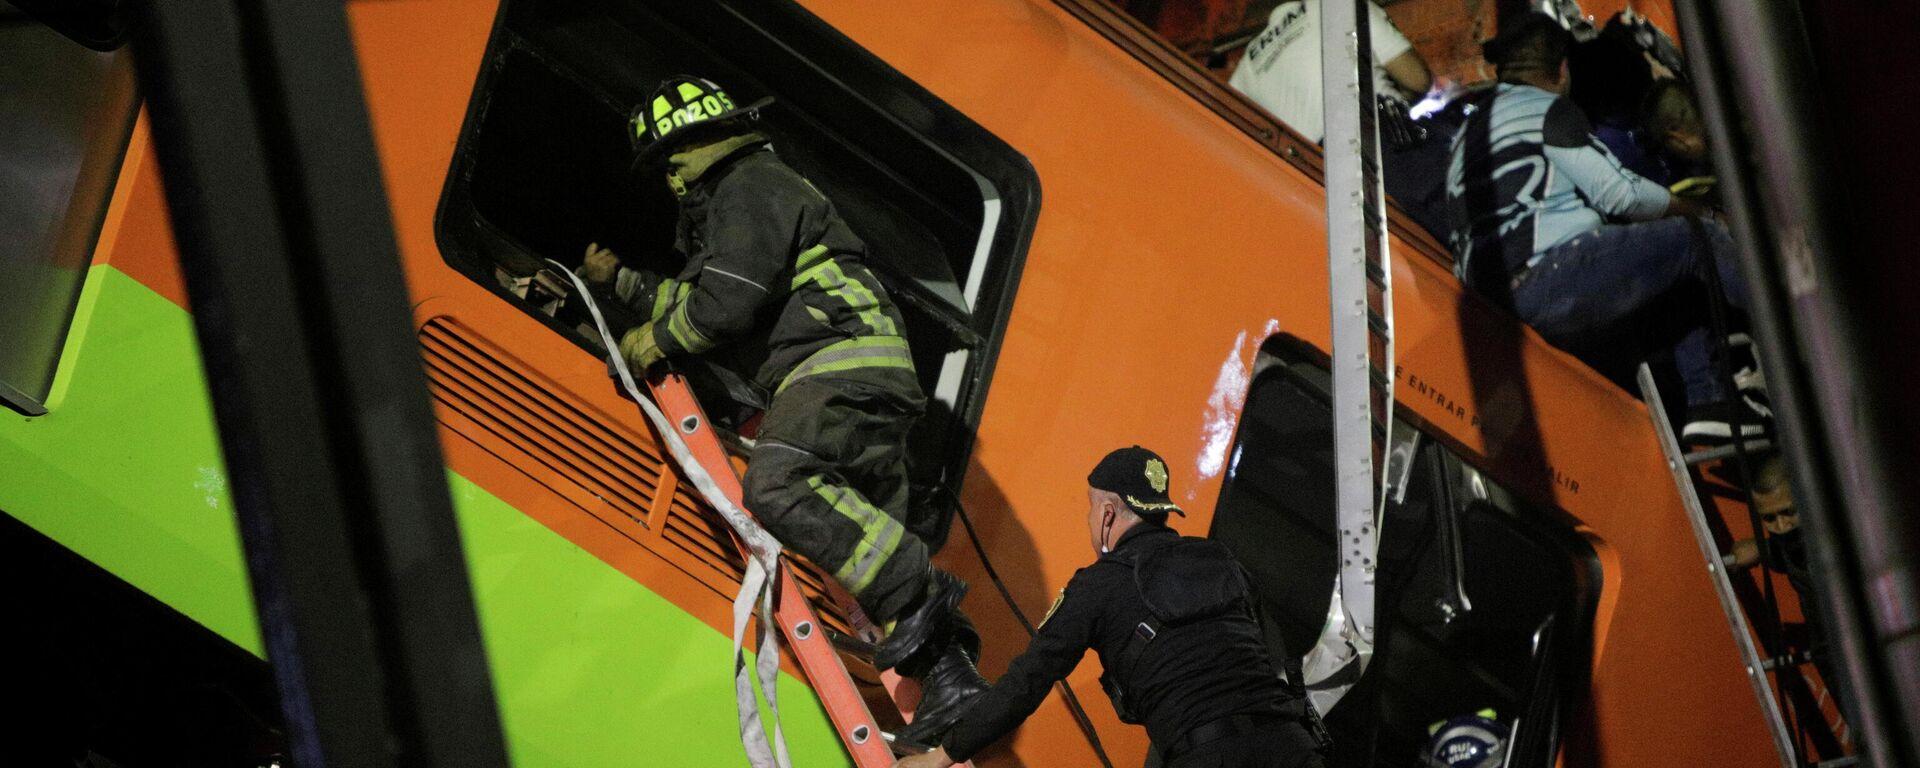 Operaciones de rescate a las víctimas tras el colapso del metro en México - Sputnik Mundo, 1920, 12.05.2021